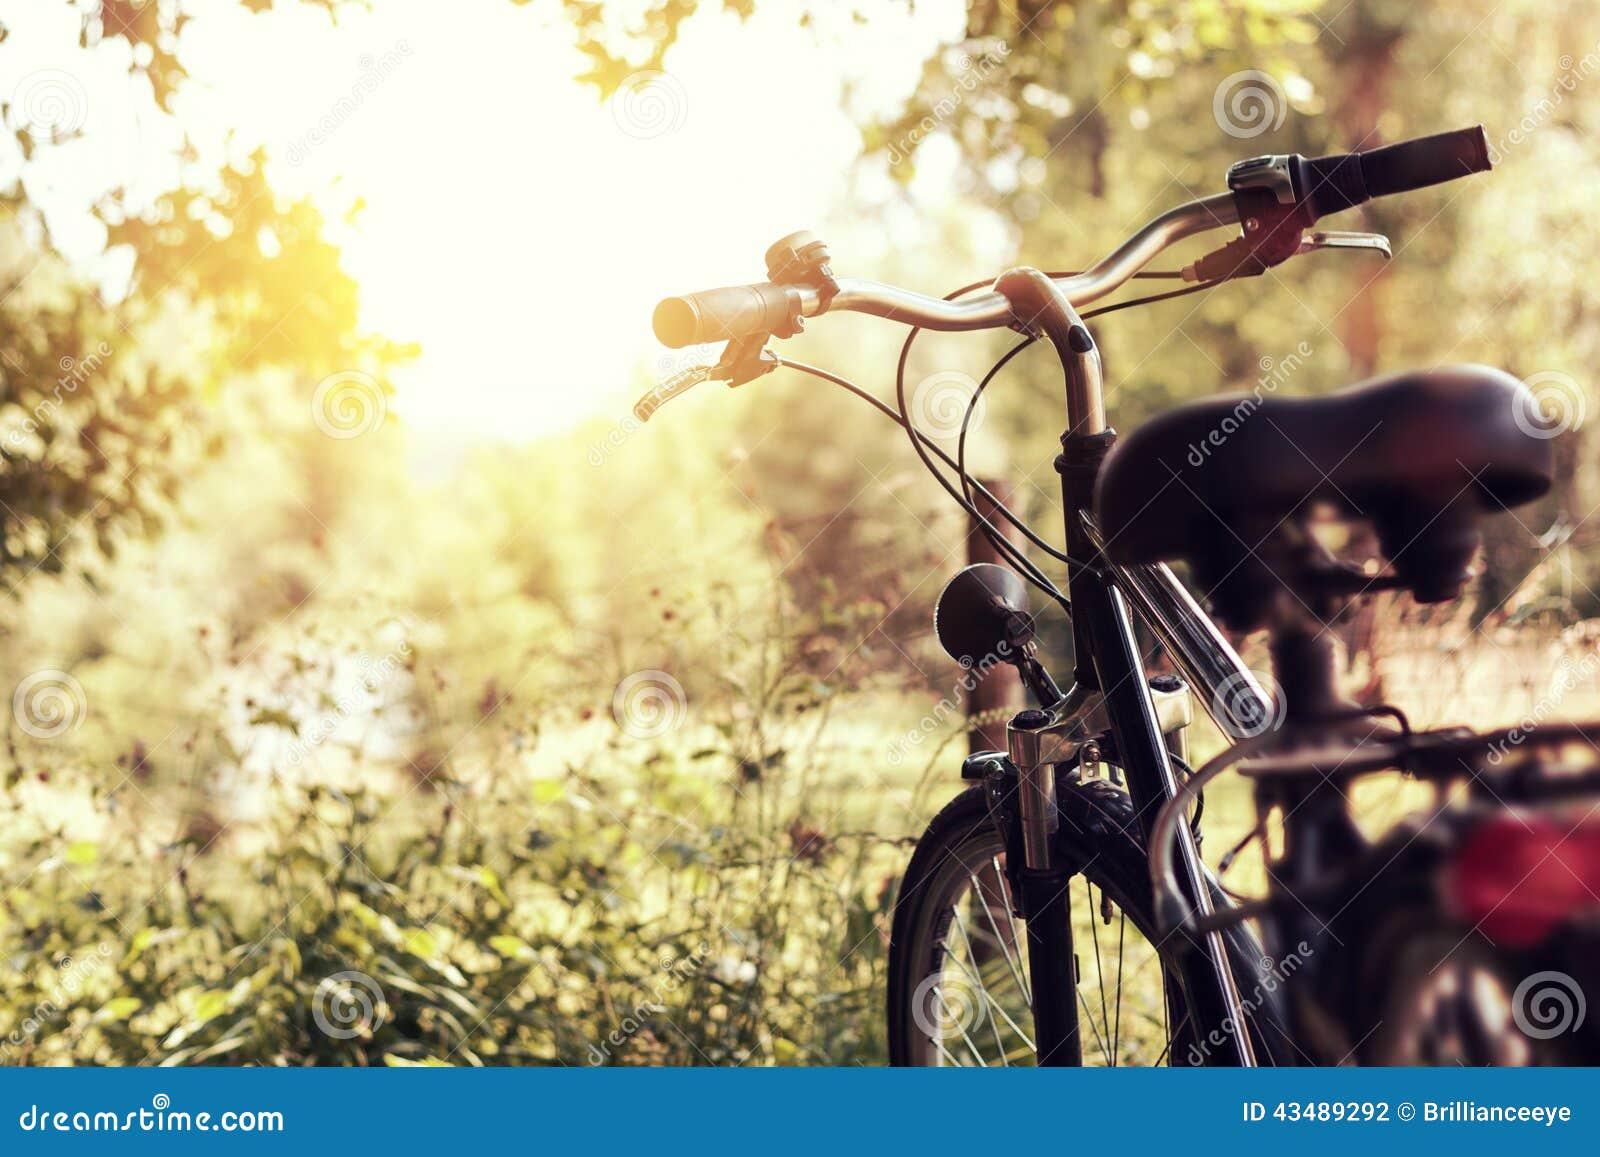 Soleil et bicyclette debout à la nature